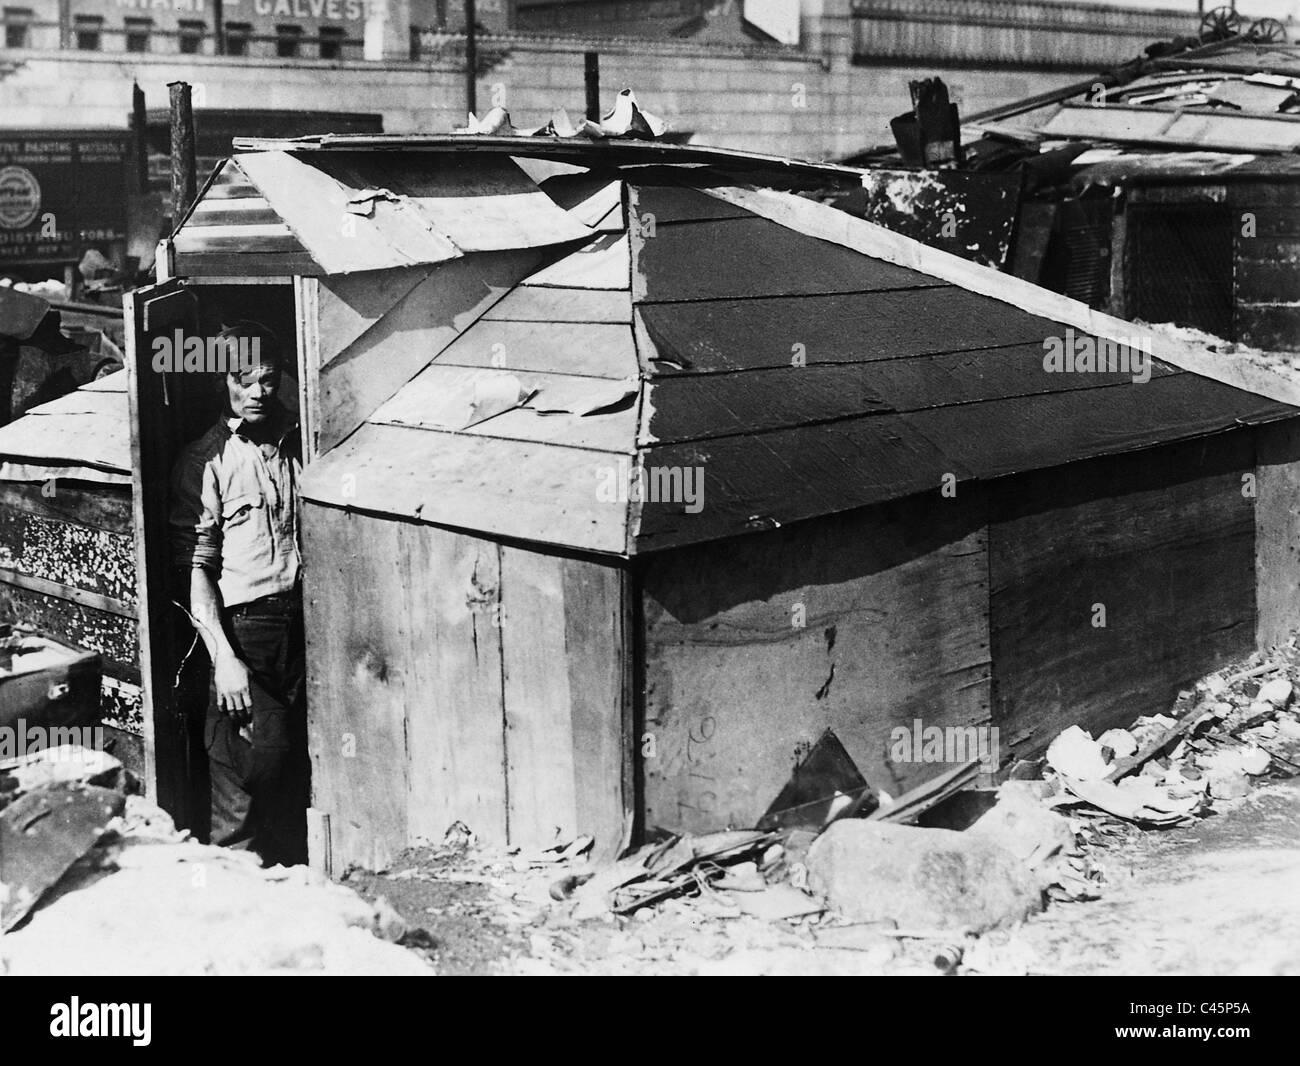 Hölzerne Schuppen in einem Slum in New York während der Weltwirtschaftskrise 1931 Stockfoto